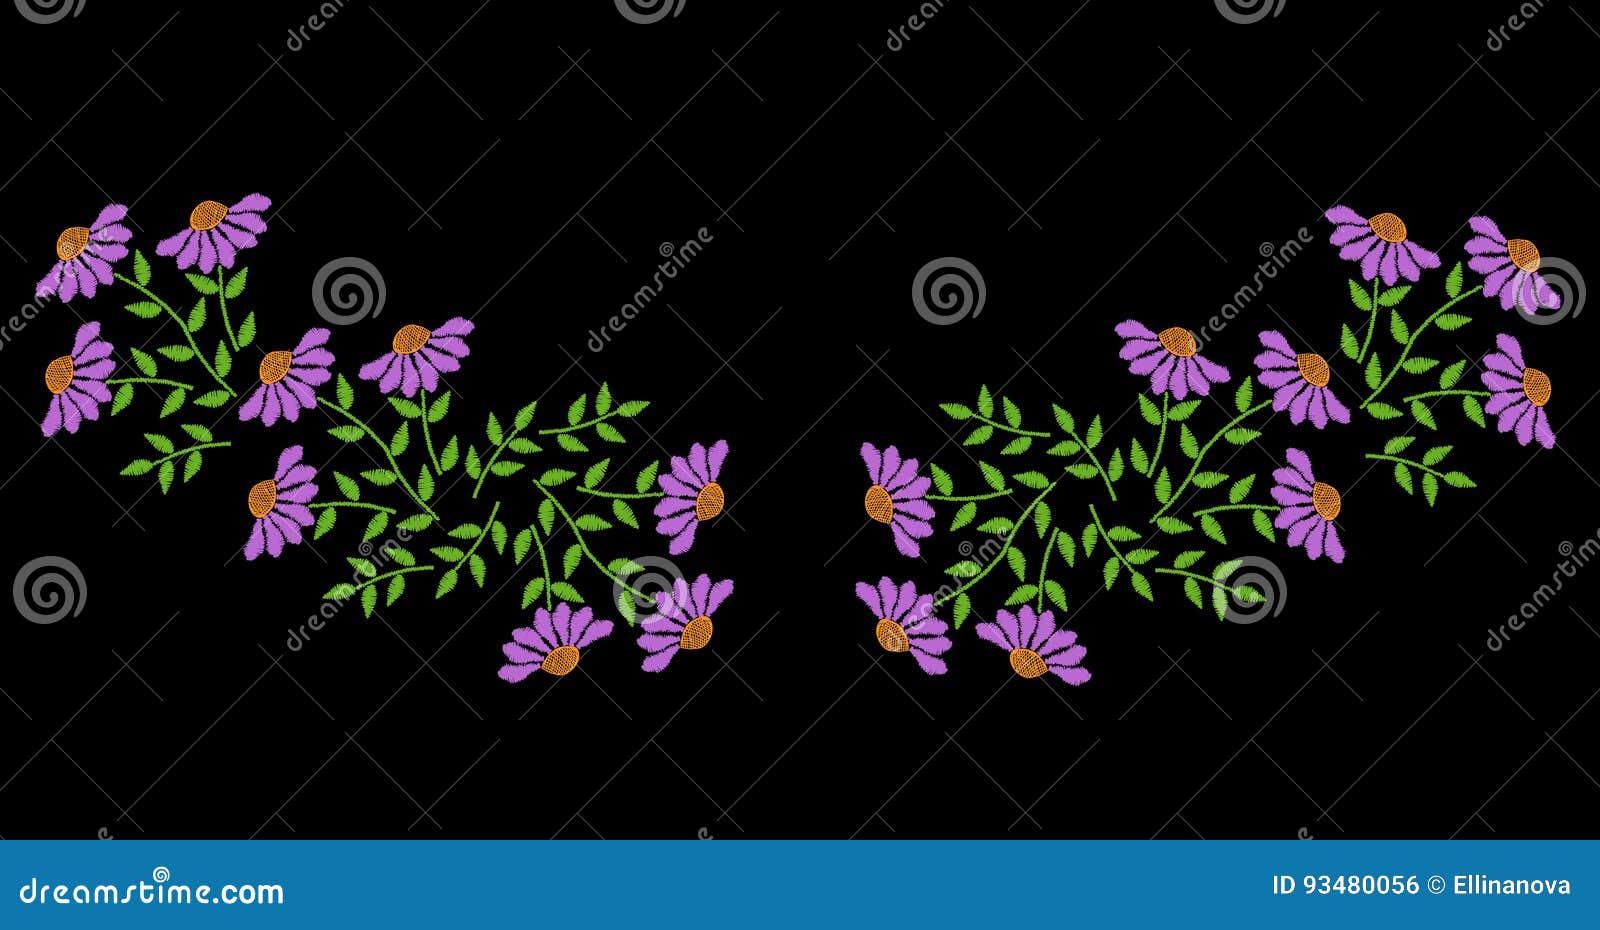 El bordado cose la flor popular de imitación y la hoja verde para el nec